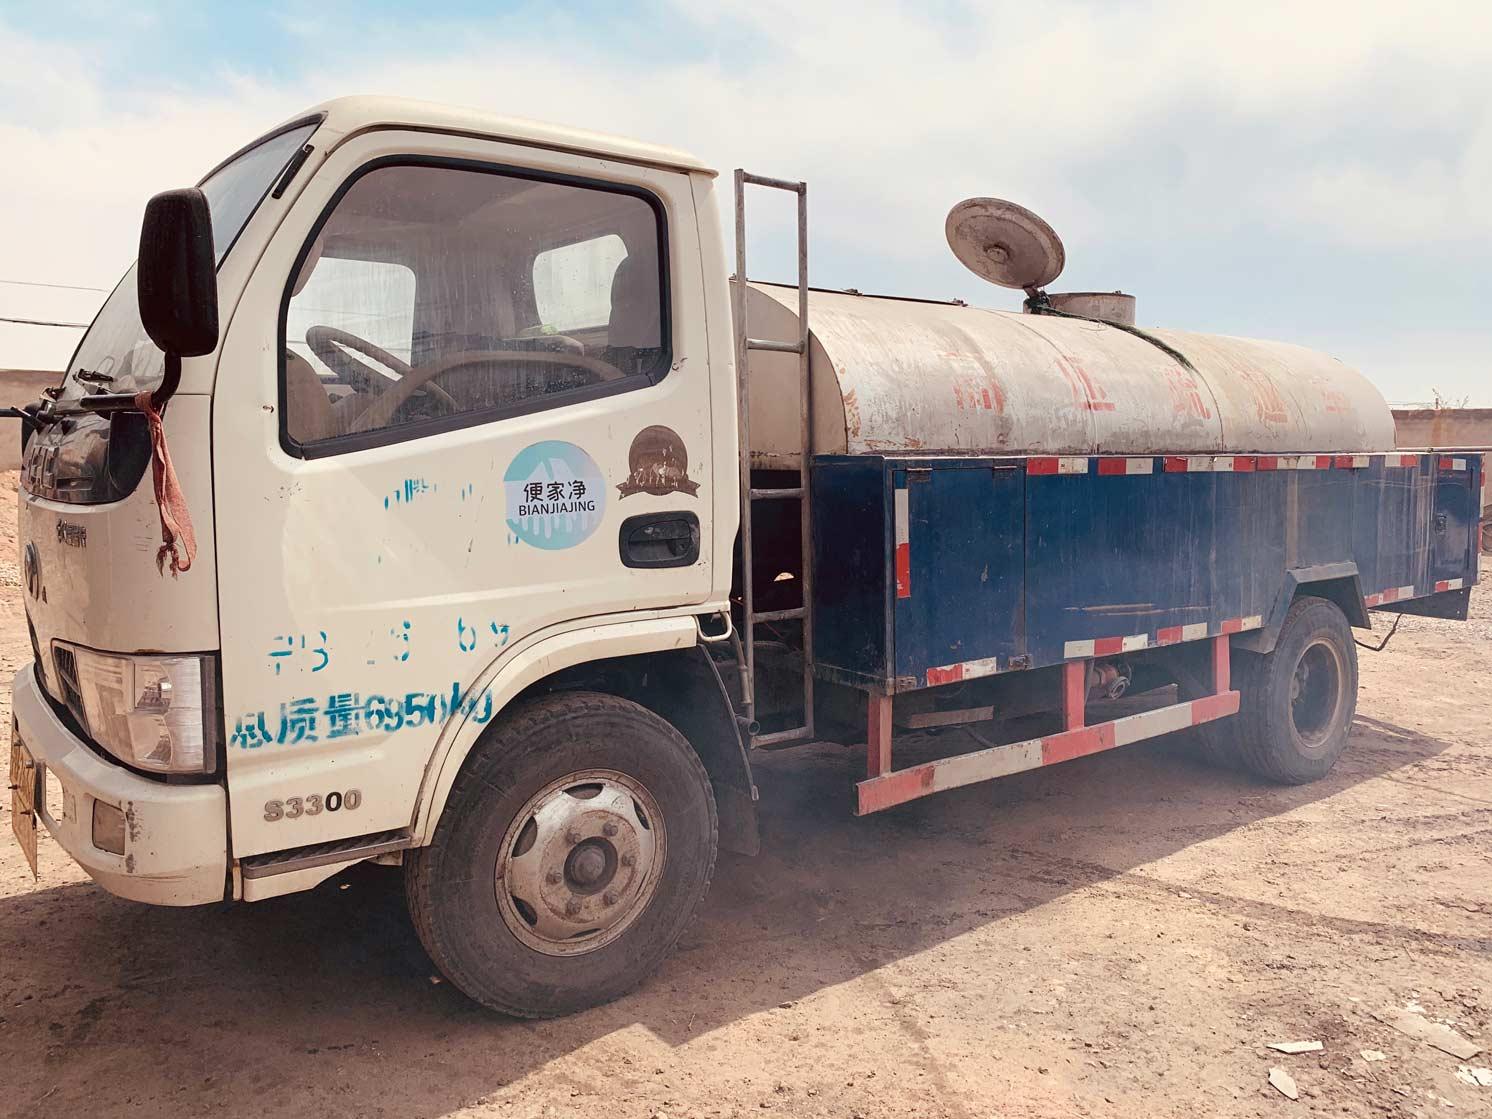 银川污水处理服务收费标准-靠谱的宁夏污水处理公司-便家净清洁服务公司